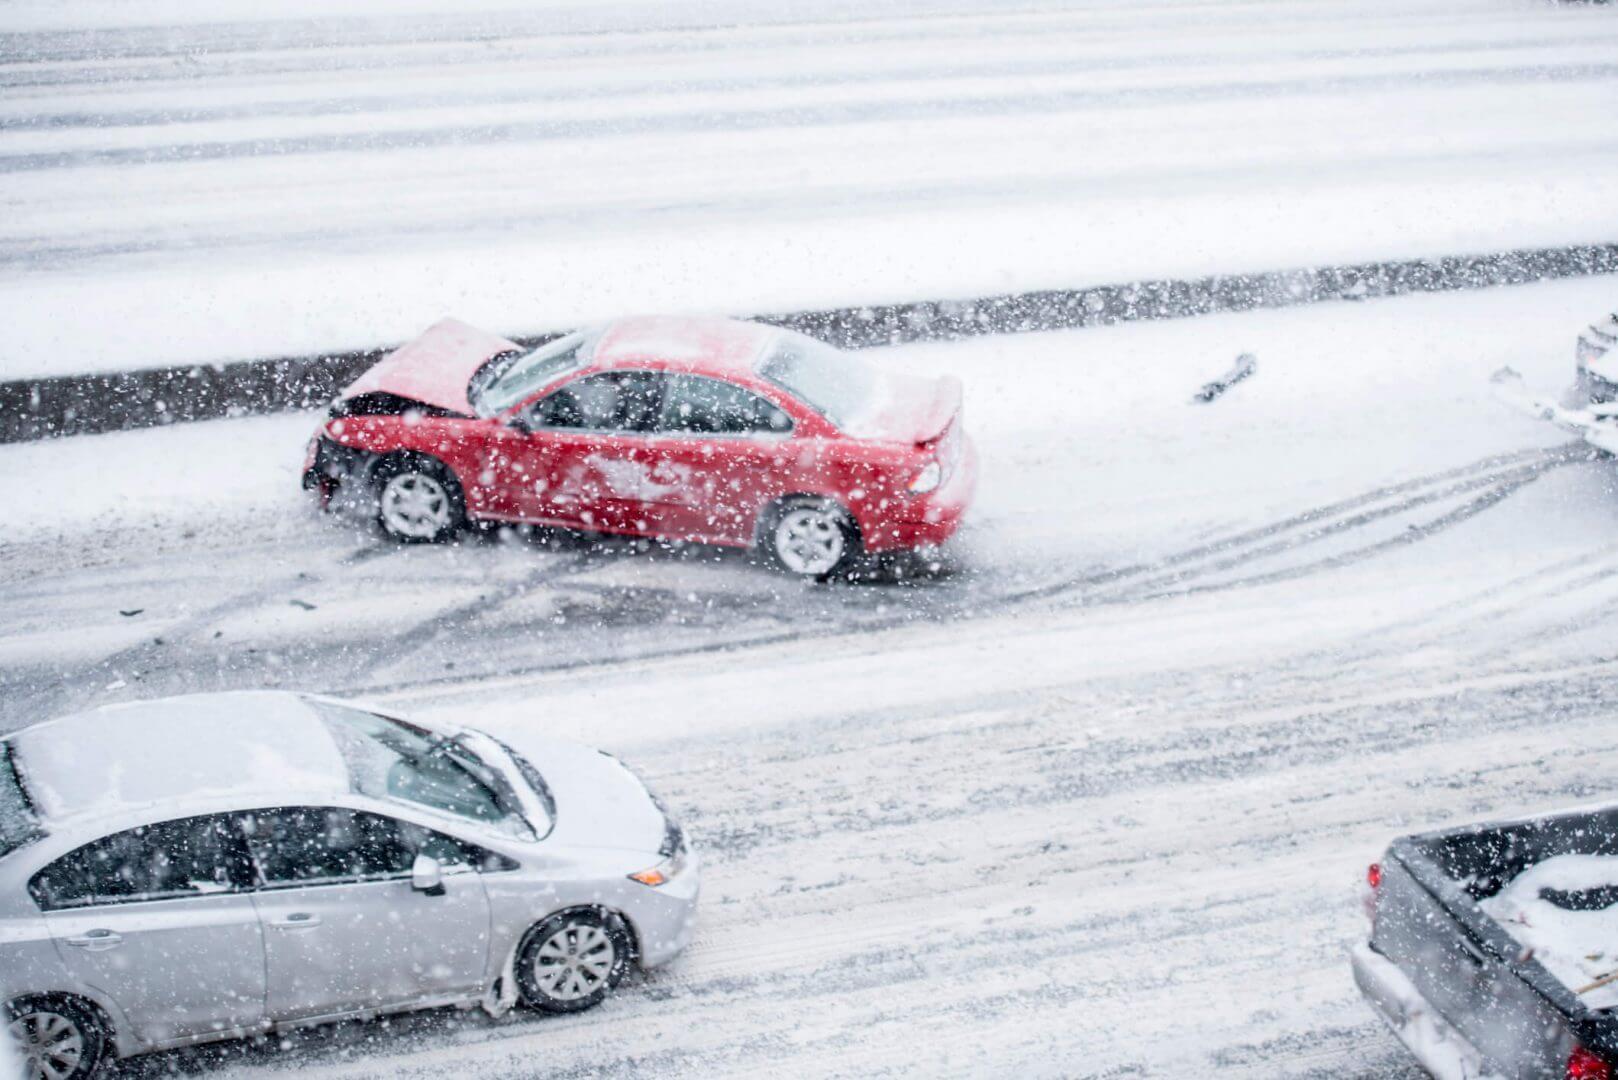 Warunki na drodze, a ubezpieczenie